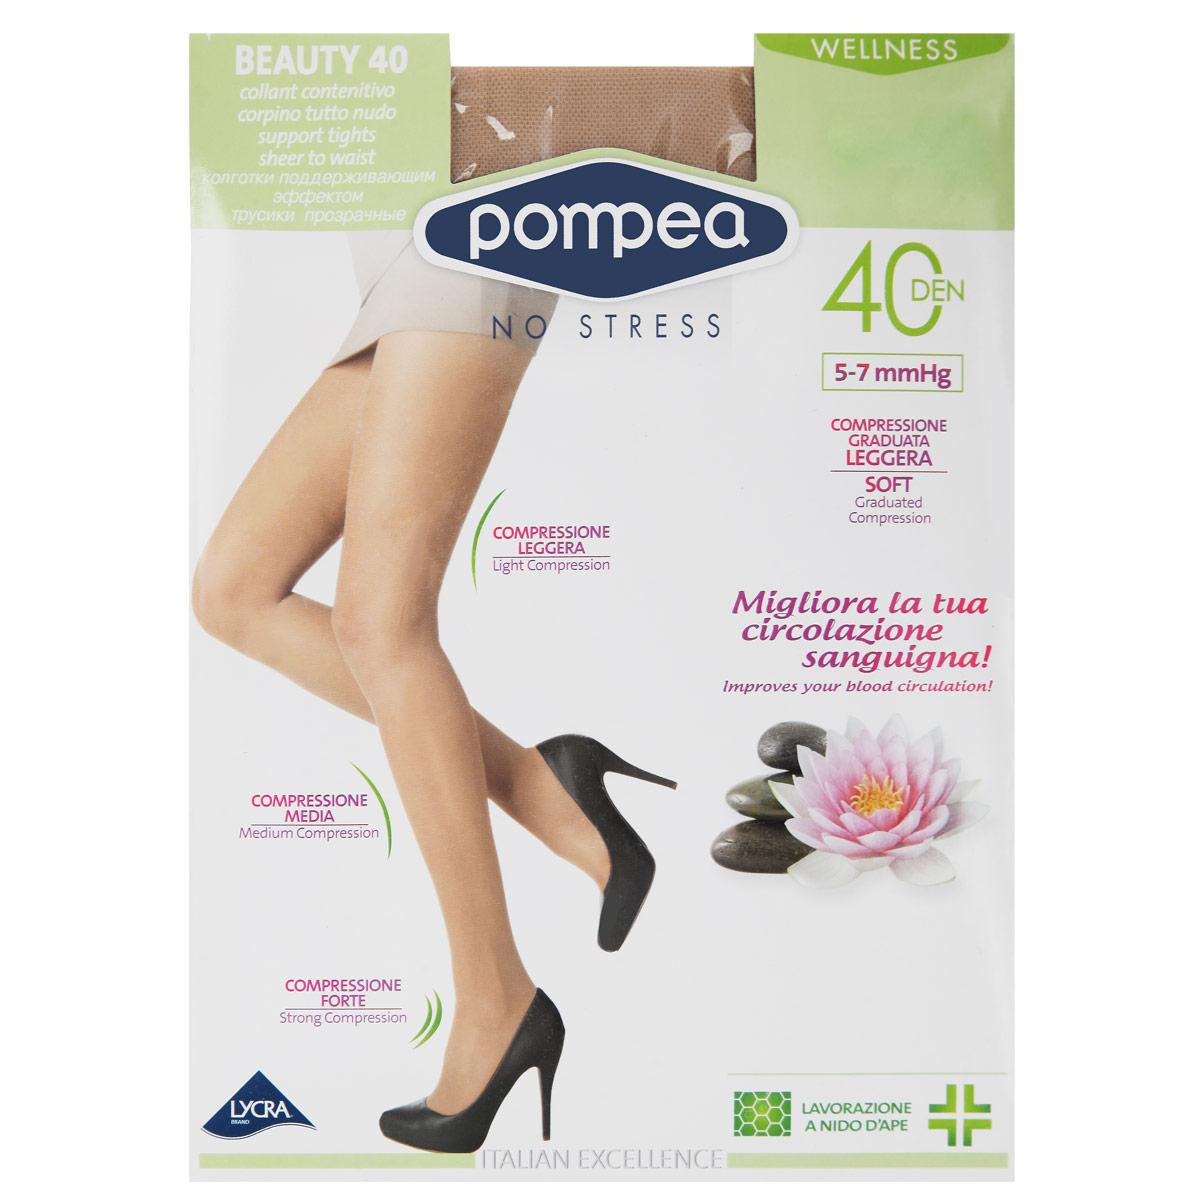 Колготки Intensive Beauty Wellness 4090767833 MineralКолготки женские, плотностью 40 ден, без трусиков, с распределенным давлением по ноге, вязка соты, плоские швы, ластовица из хлопка, укрепленные носок и пятка, гранулированная компрессия 5-7 mmHG.